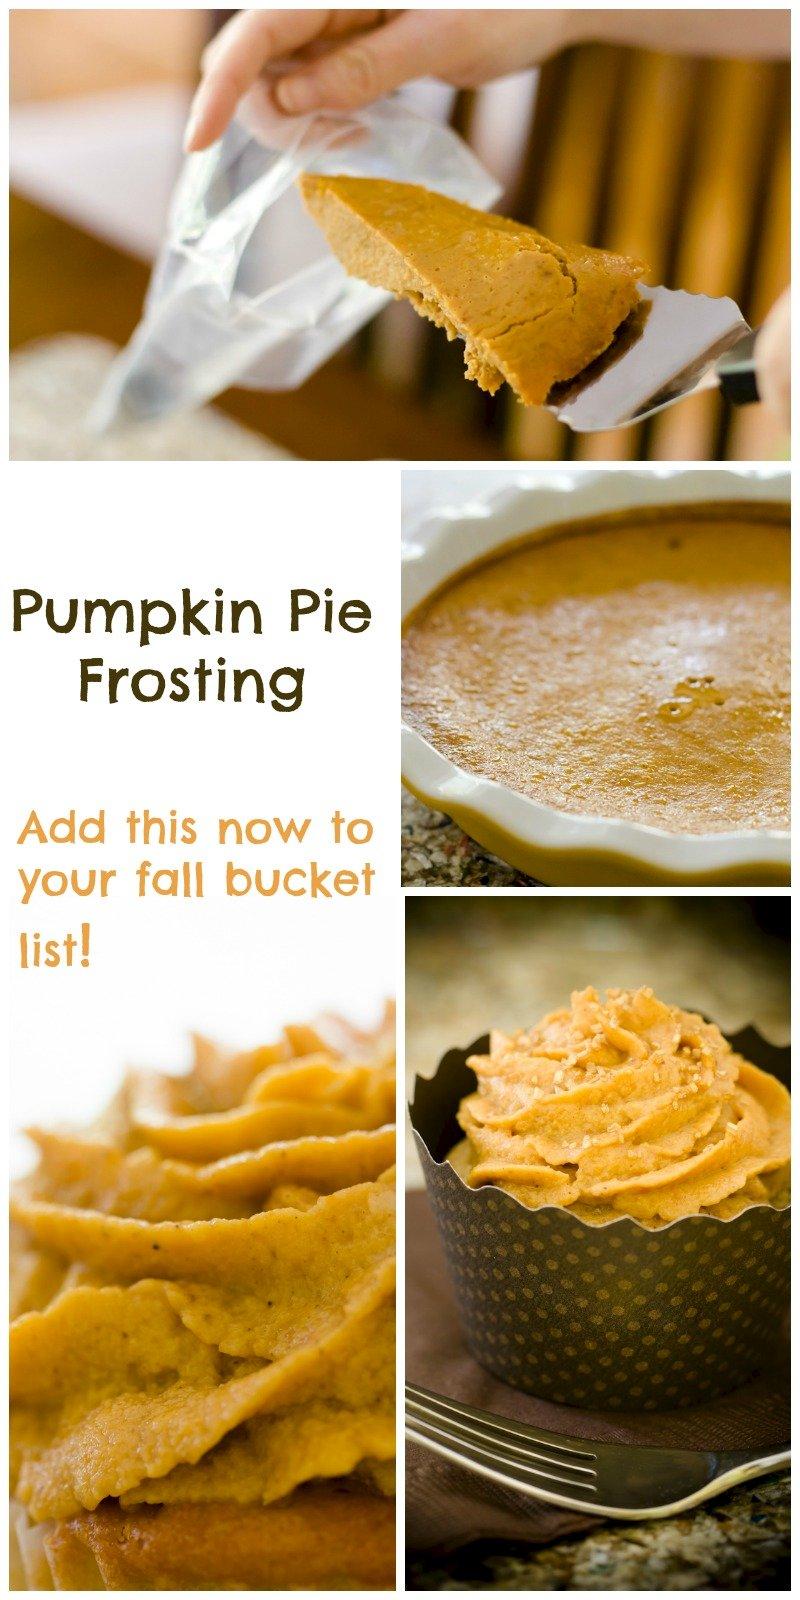 Pumpkin Pie Frosting